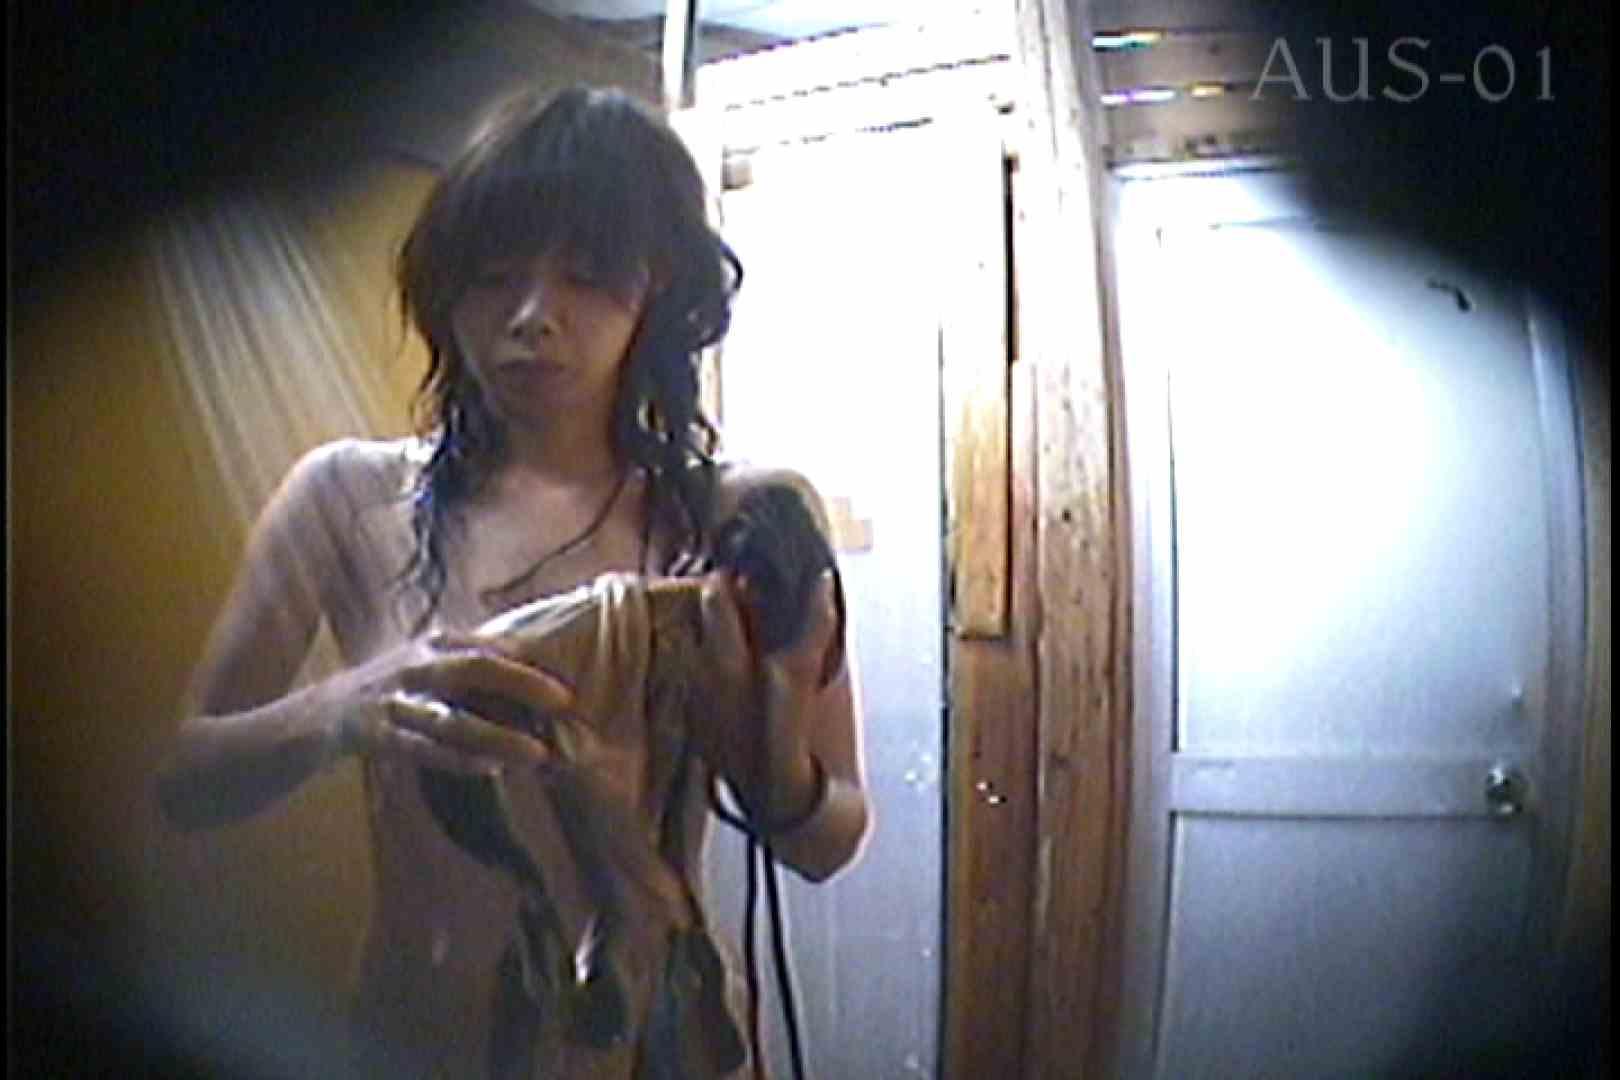 海の家の更衣室 Vol.01 シャワー  88pic 33